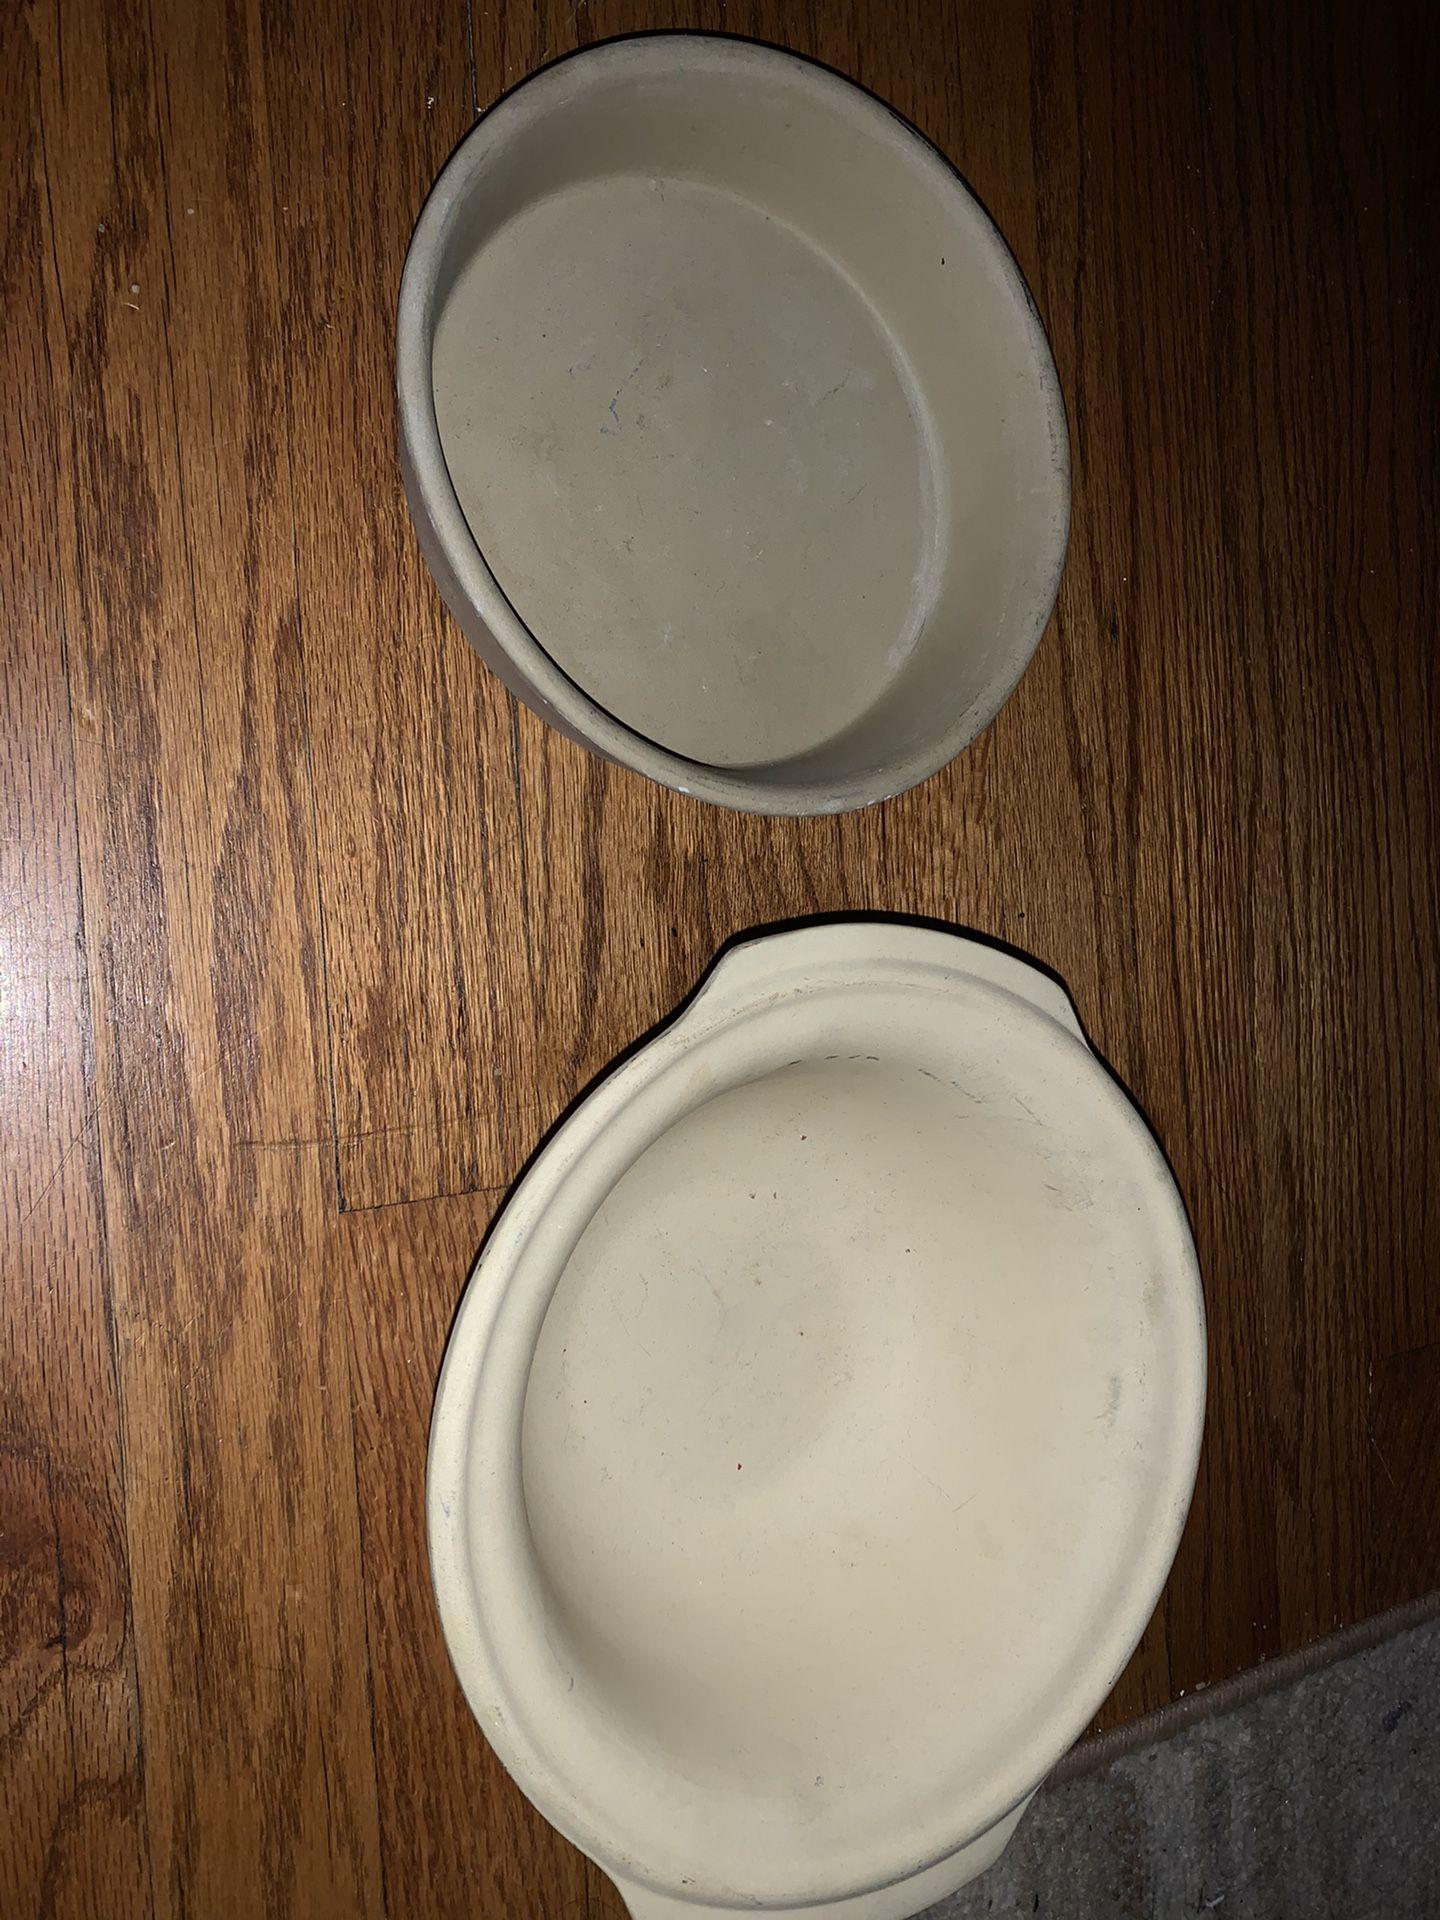 New Pampered Chef Stoneware